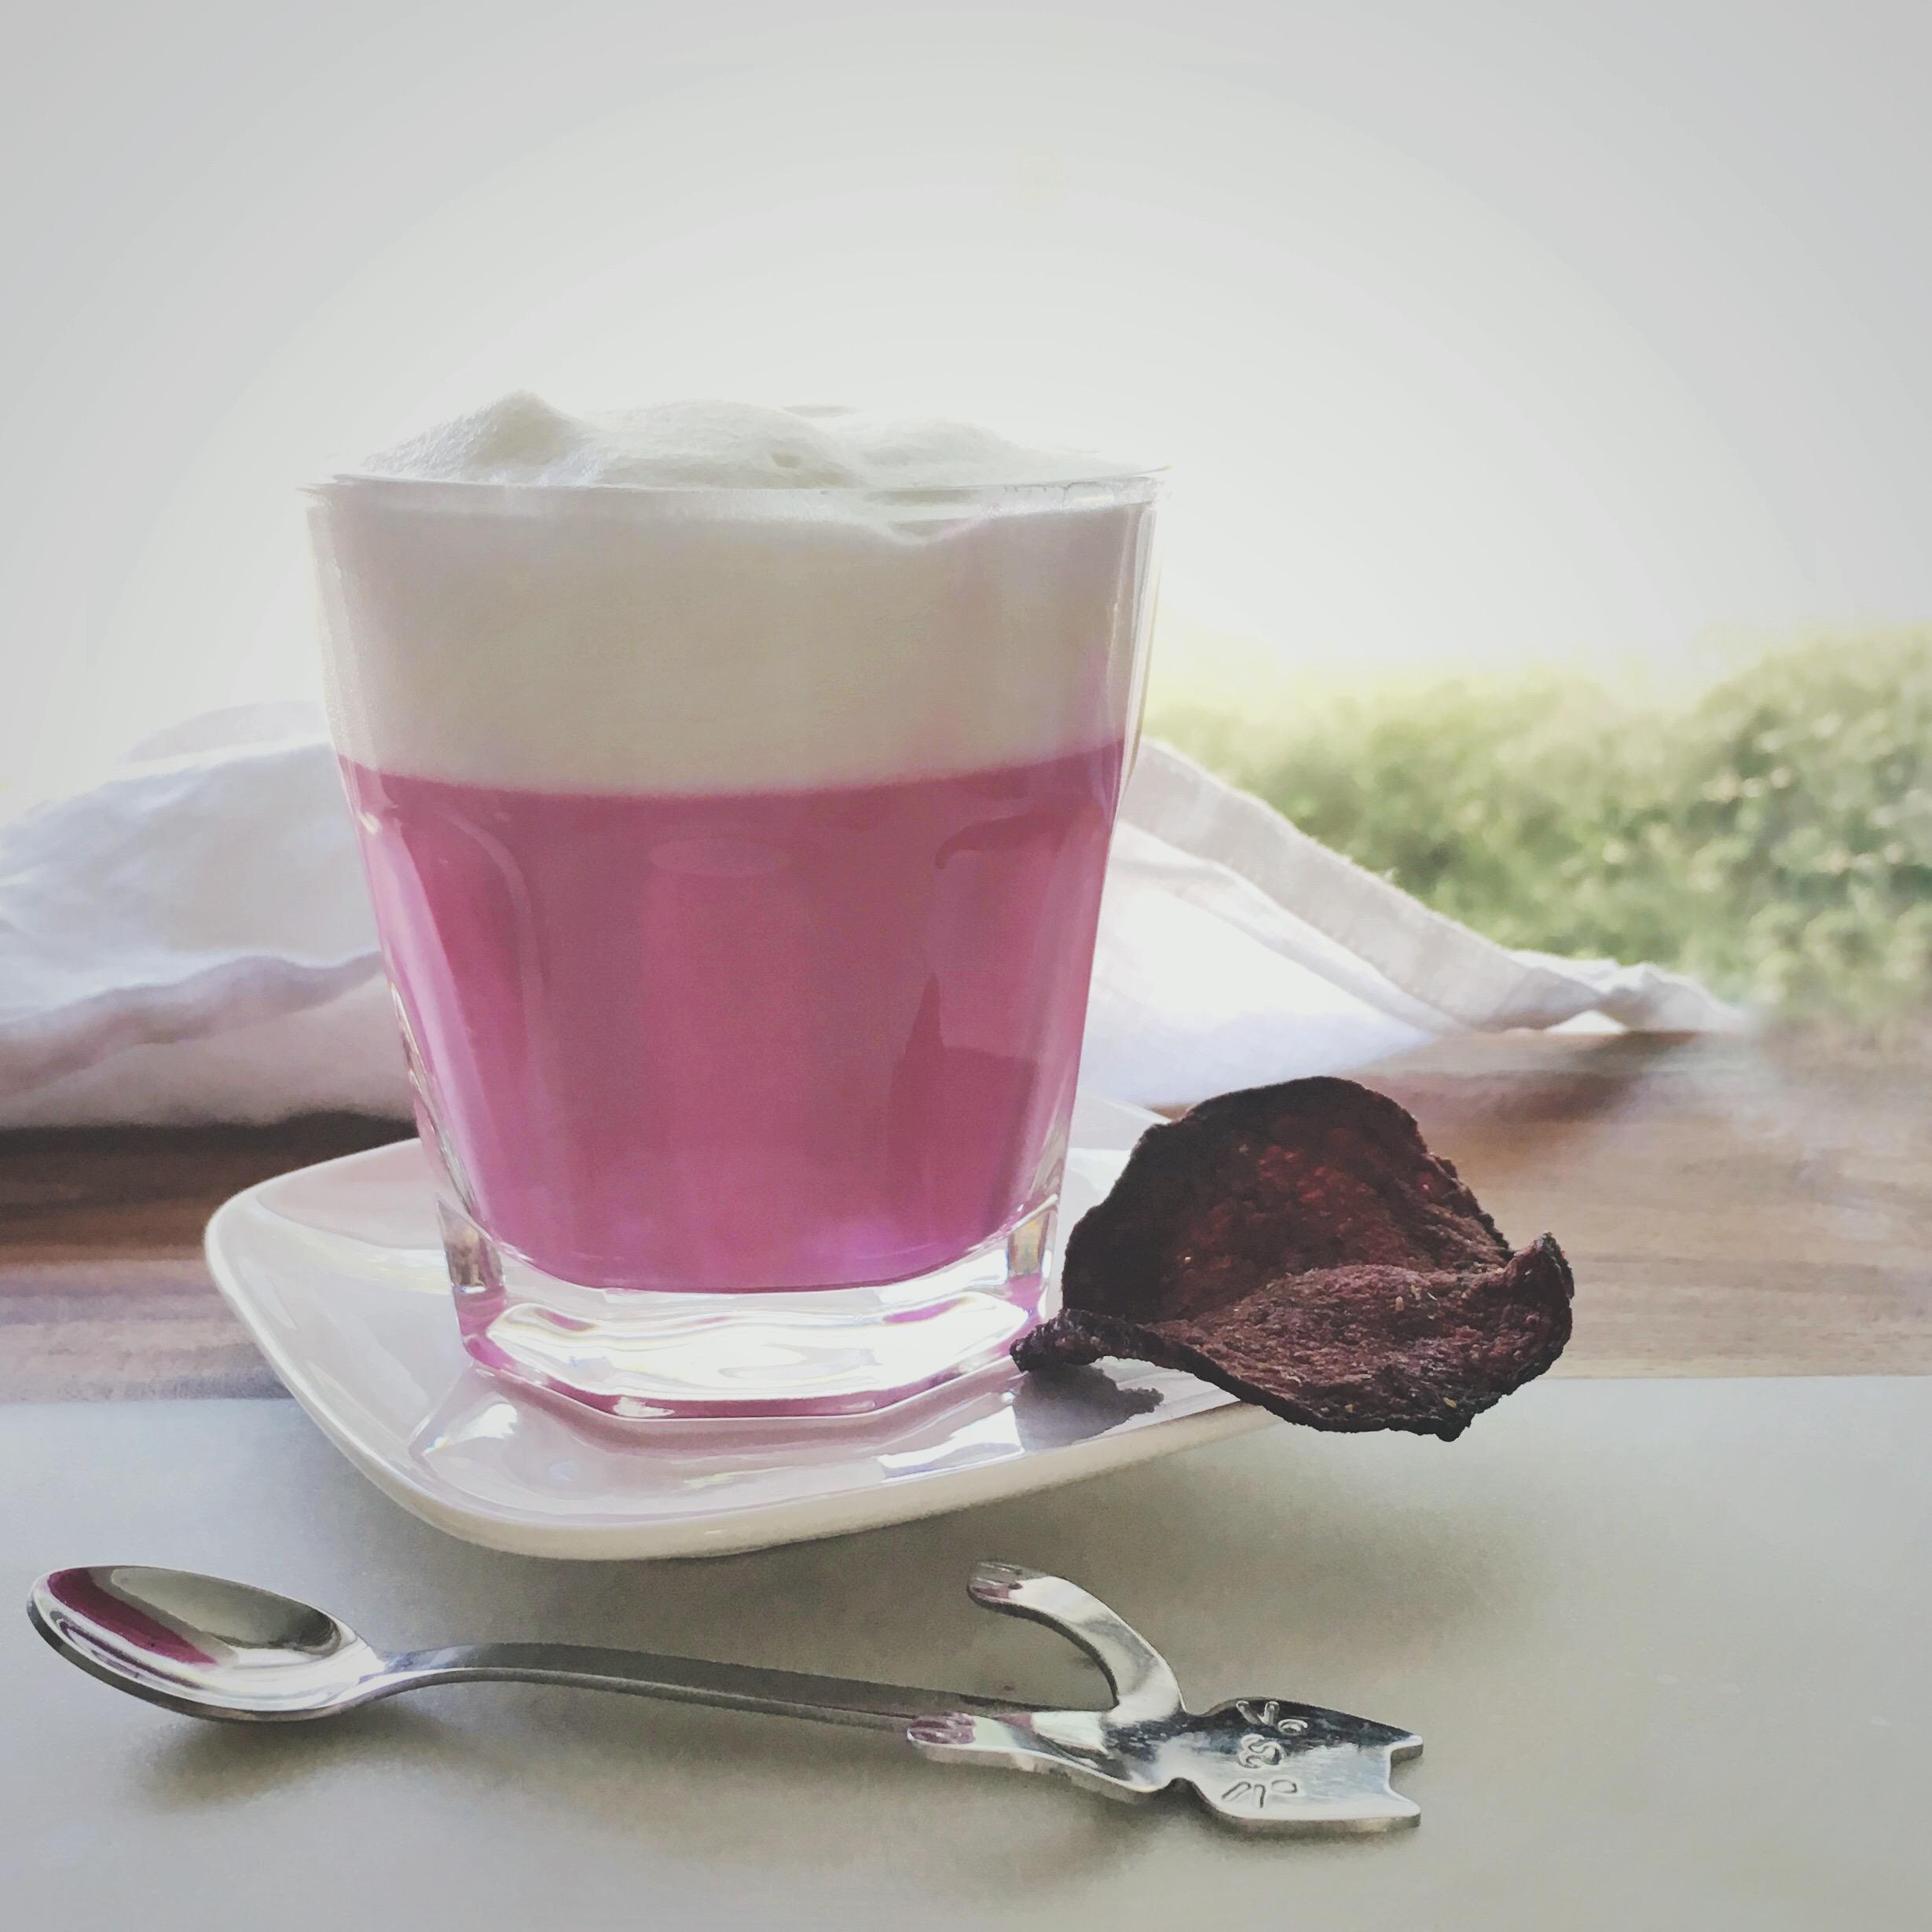 Roze latte oftewel een bietjes latte